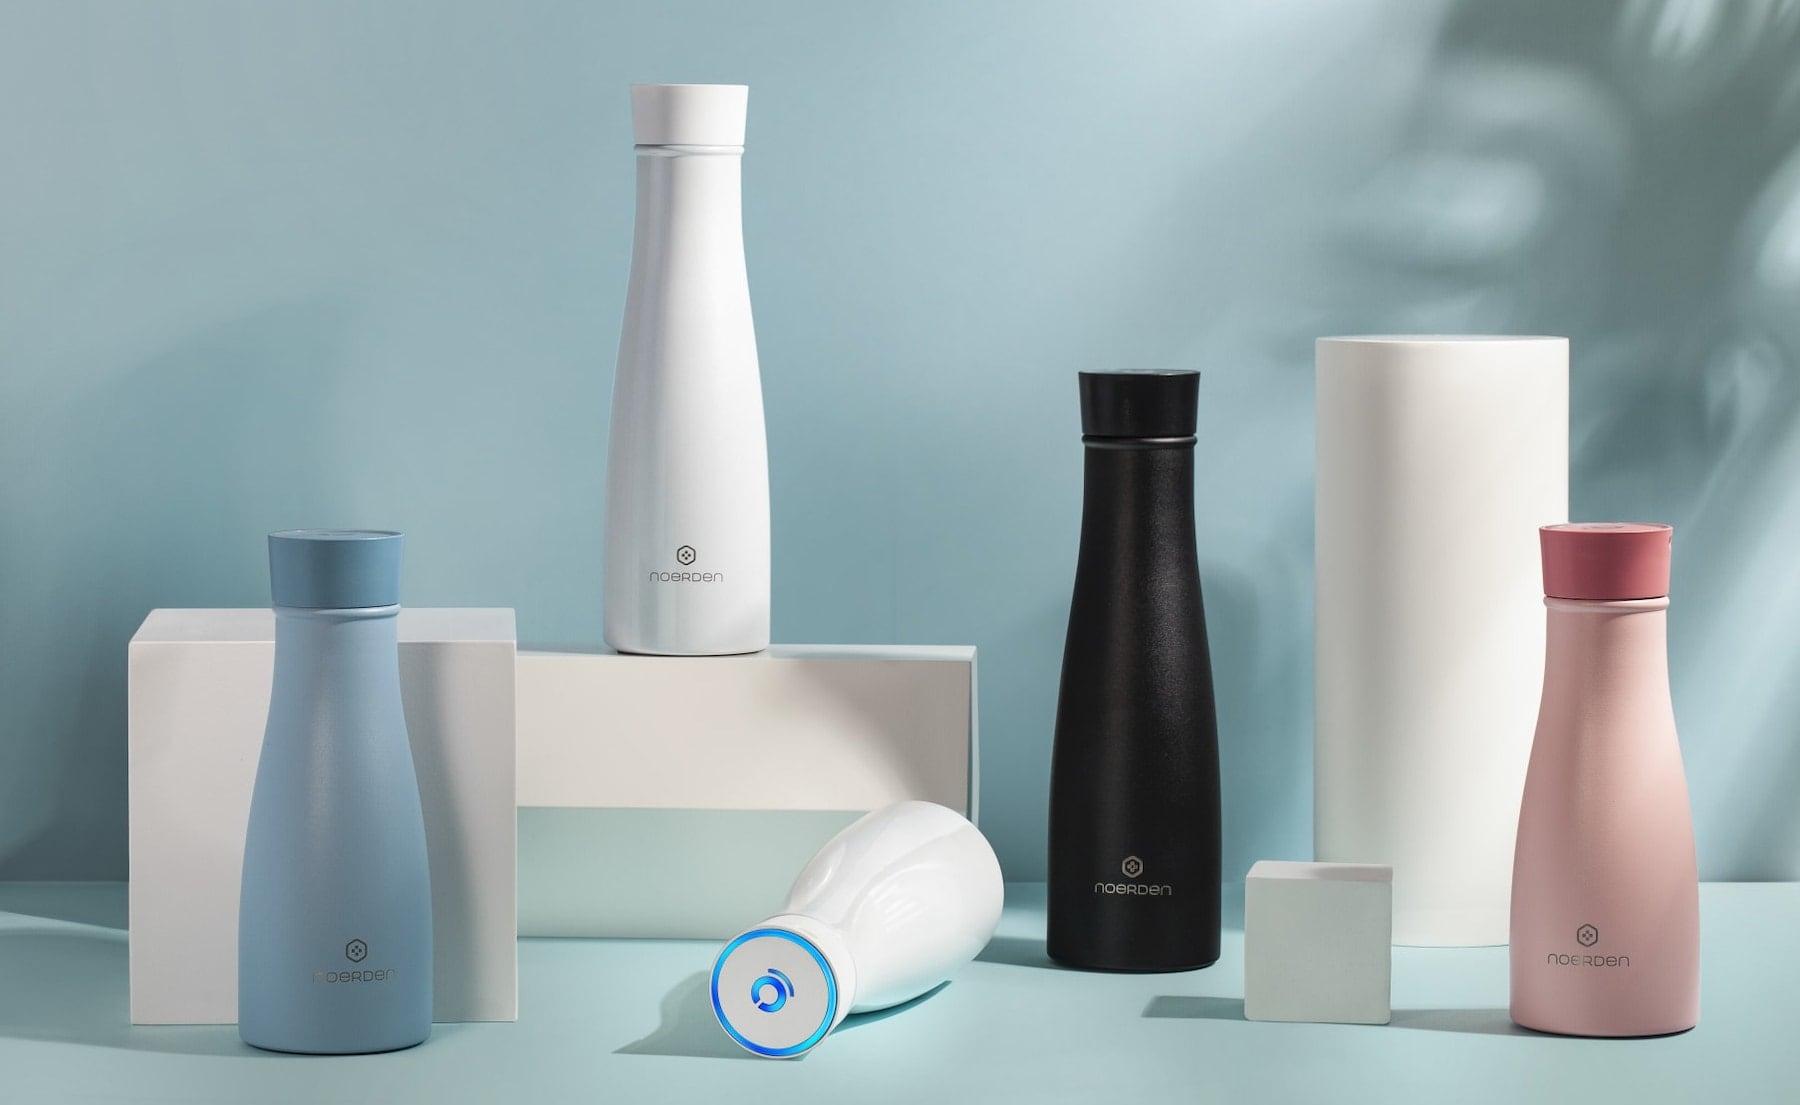 NOERDEN LIZ Self-Cleaning Smart Bottle sterilizes itself